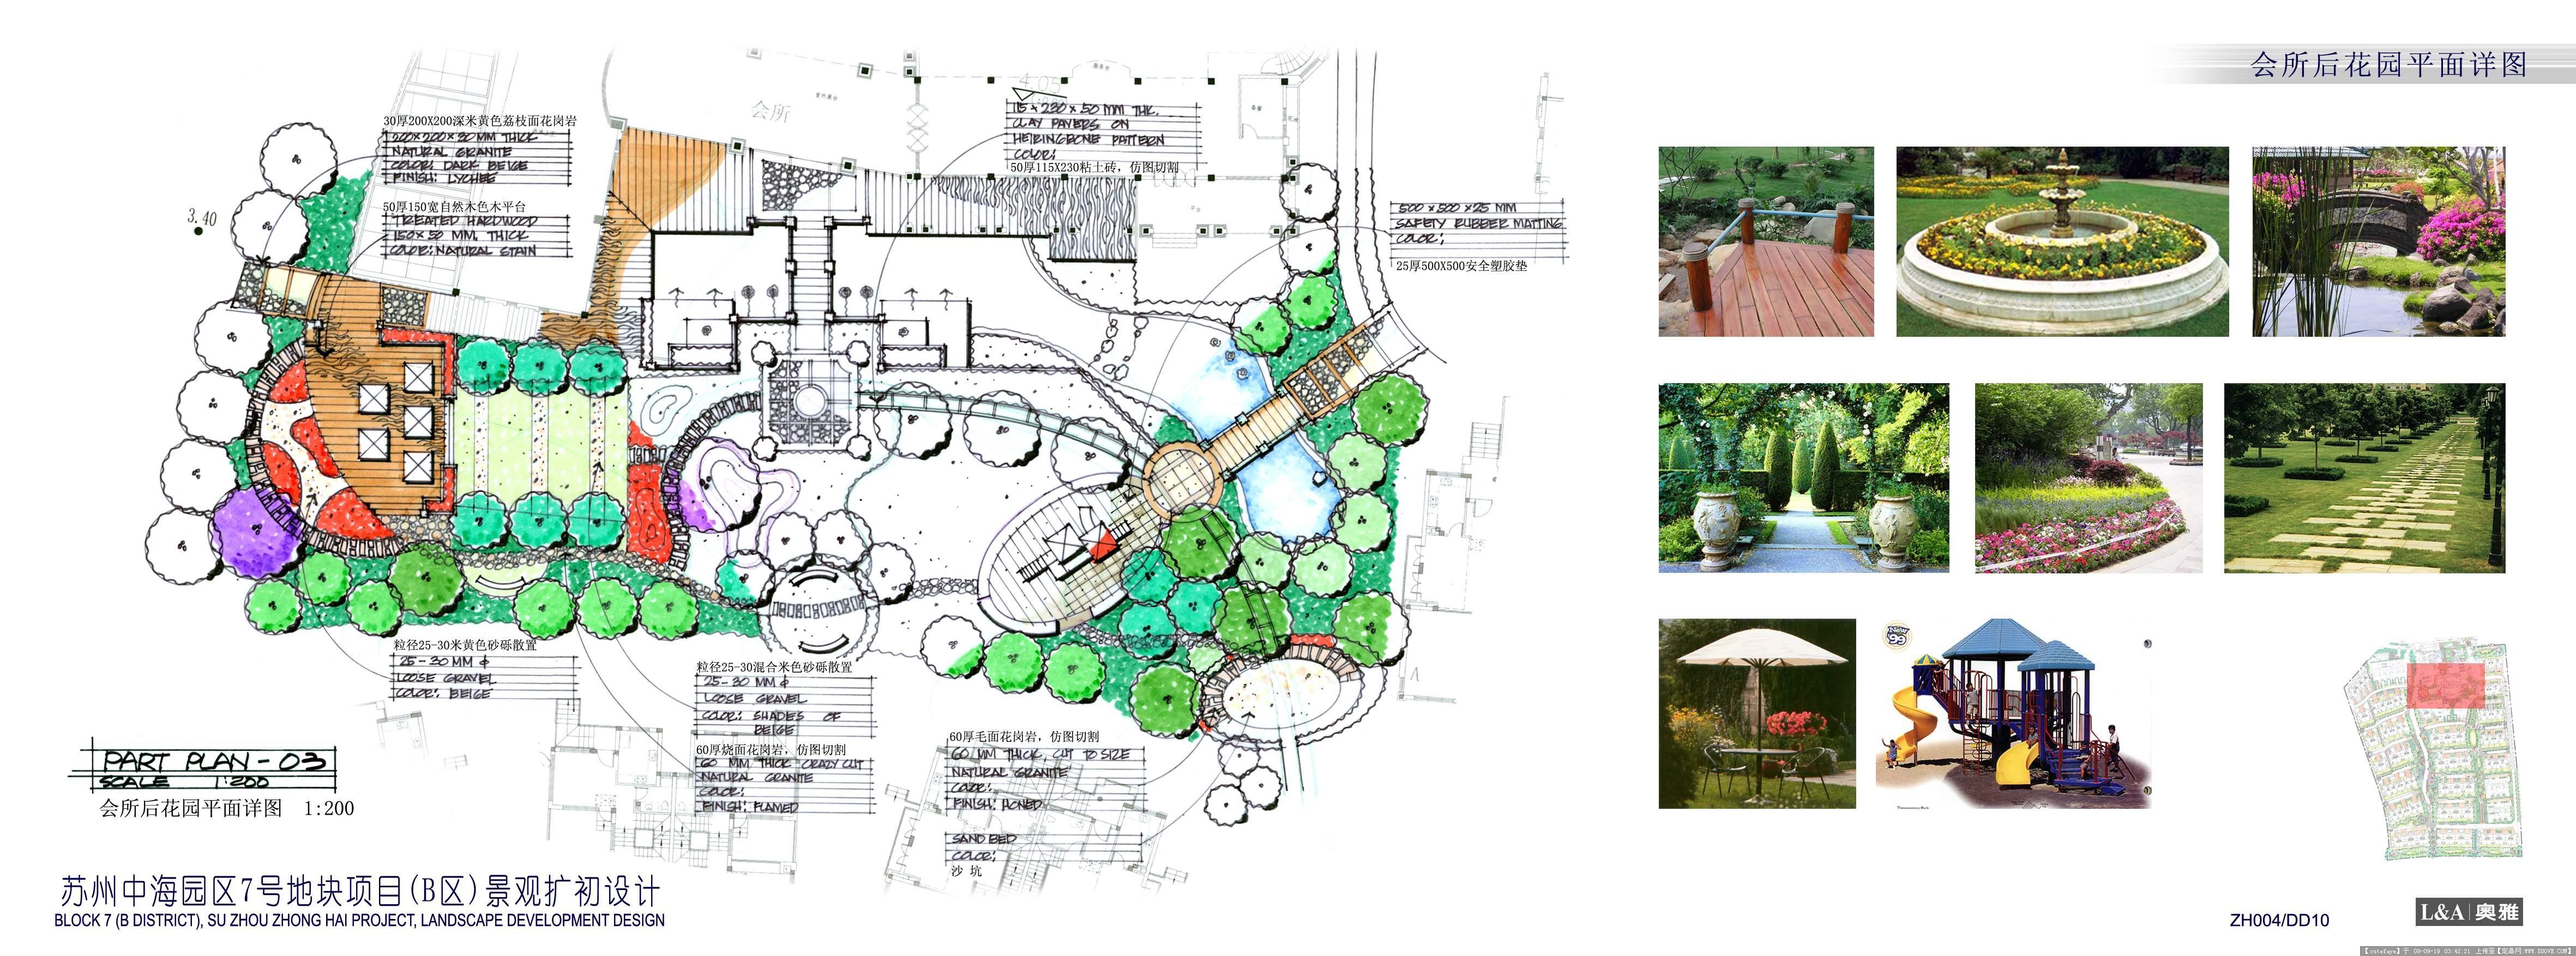 苏州某小区景观扩初手绘文本的图片浏览,园林效 果图